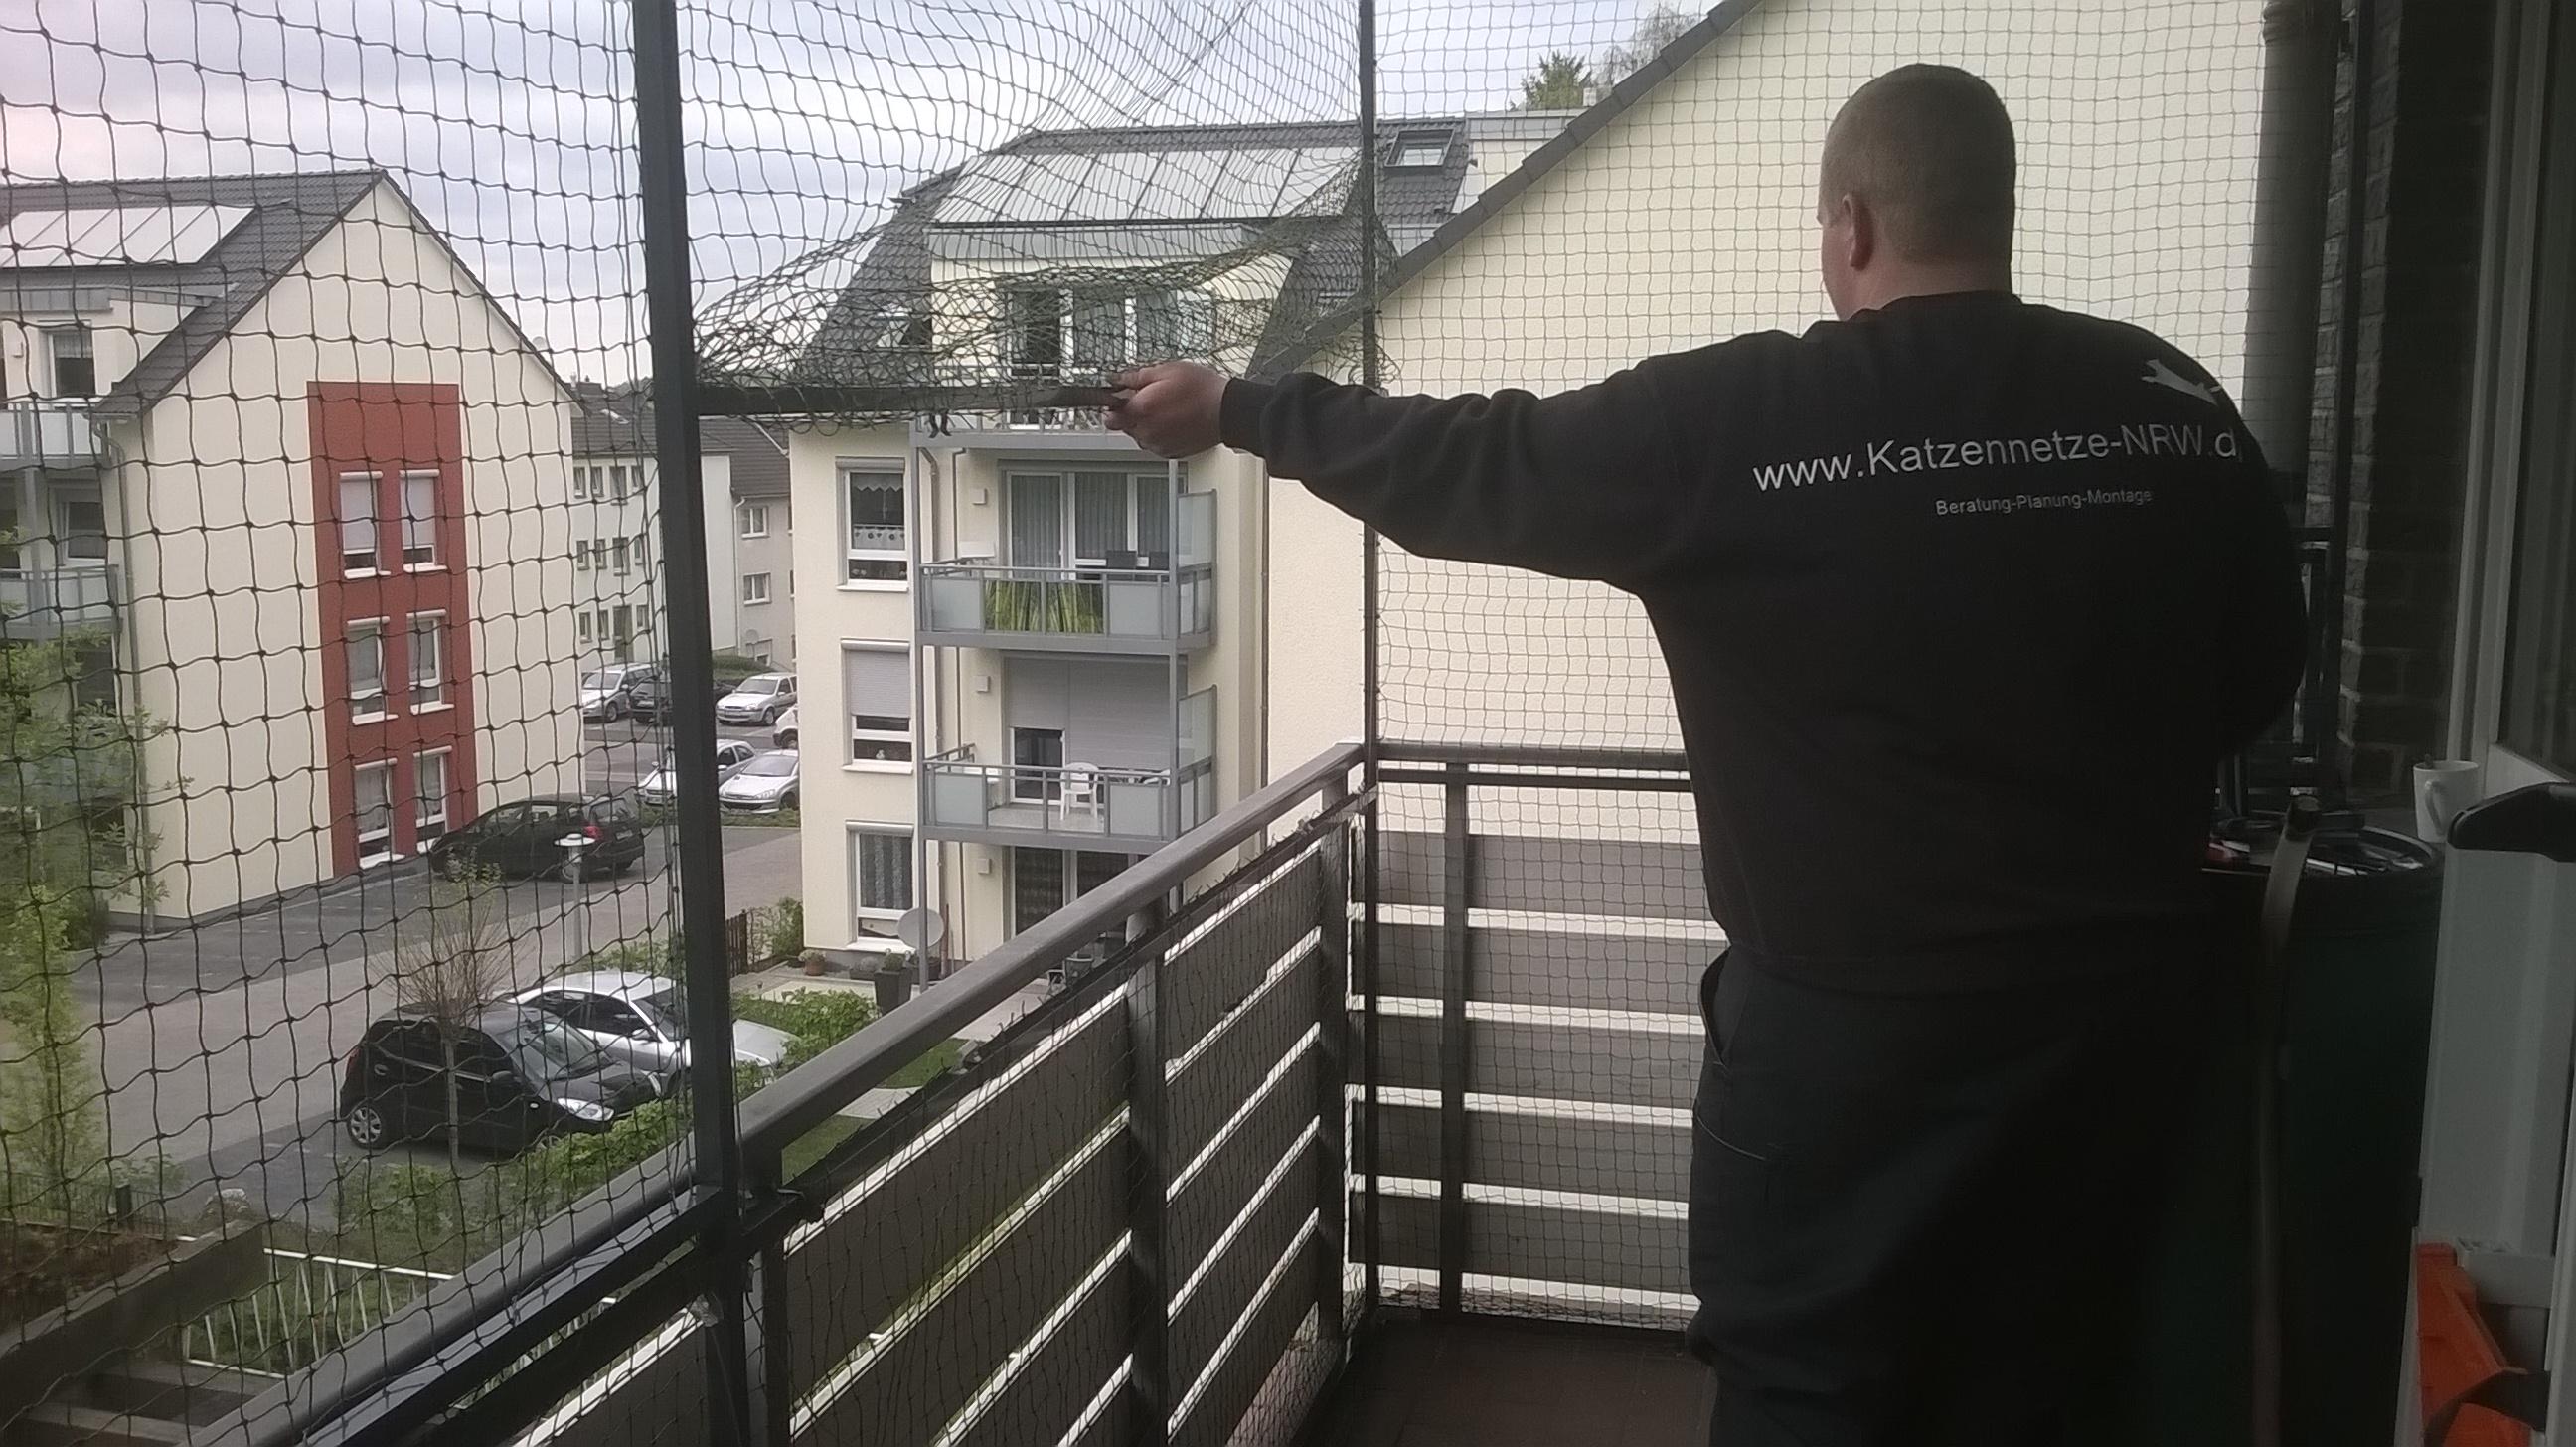 katzennetz zu ffnen fast wie ein rollo die balkonvernetzung ohne bohren katzennetze nrw. Black Bedroom Furniture Sets. Home Design Ideas